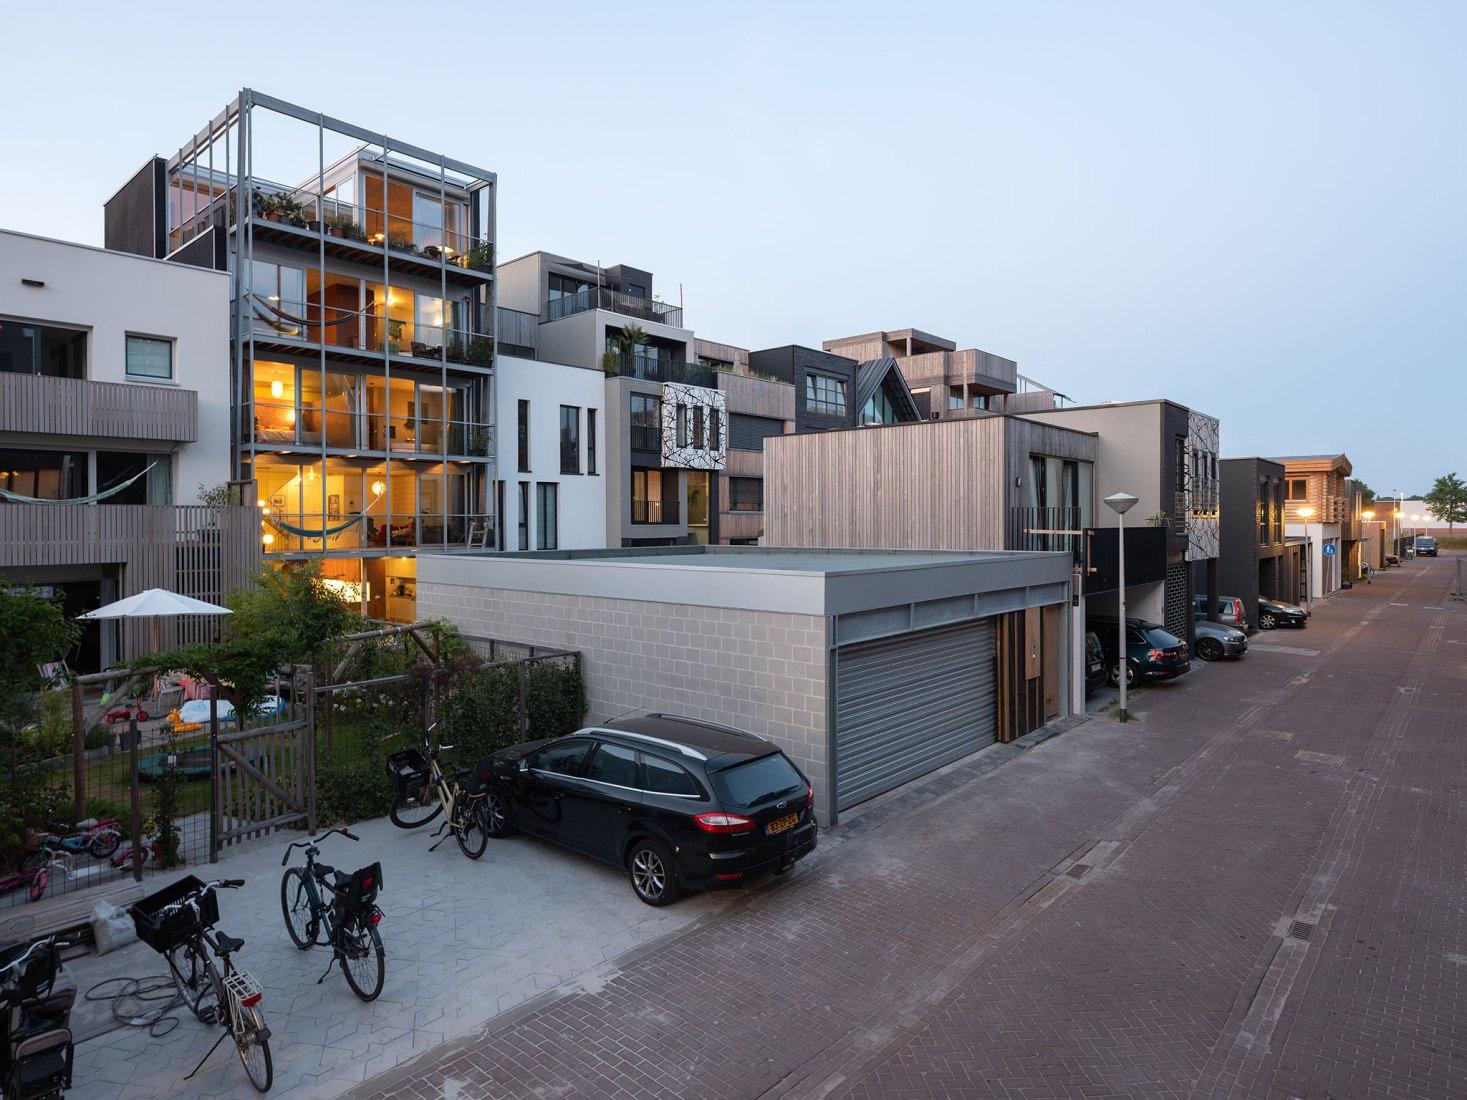 Casa para 3 generaciones por BETA. Fotografía por Ossip van Duivenbode.